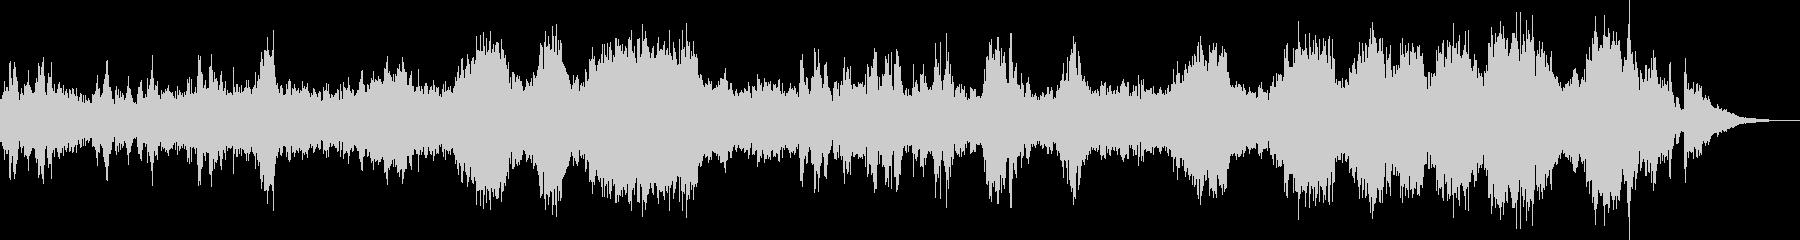 癒しのピアノの未再生の波形